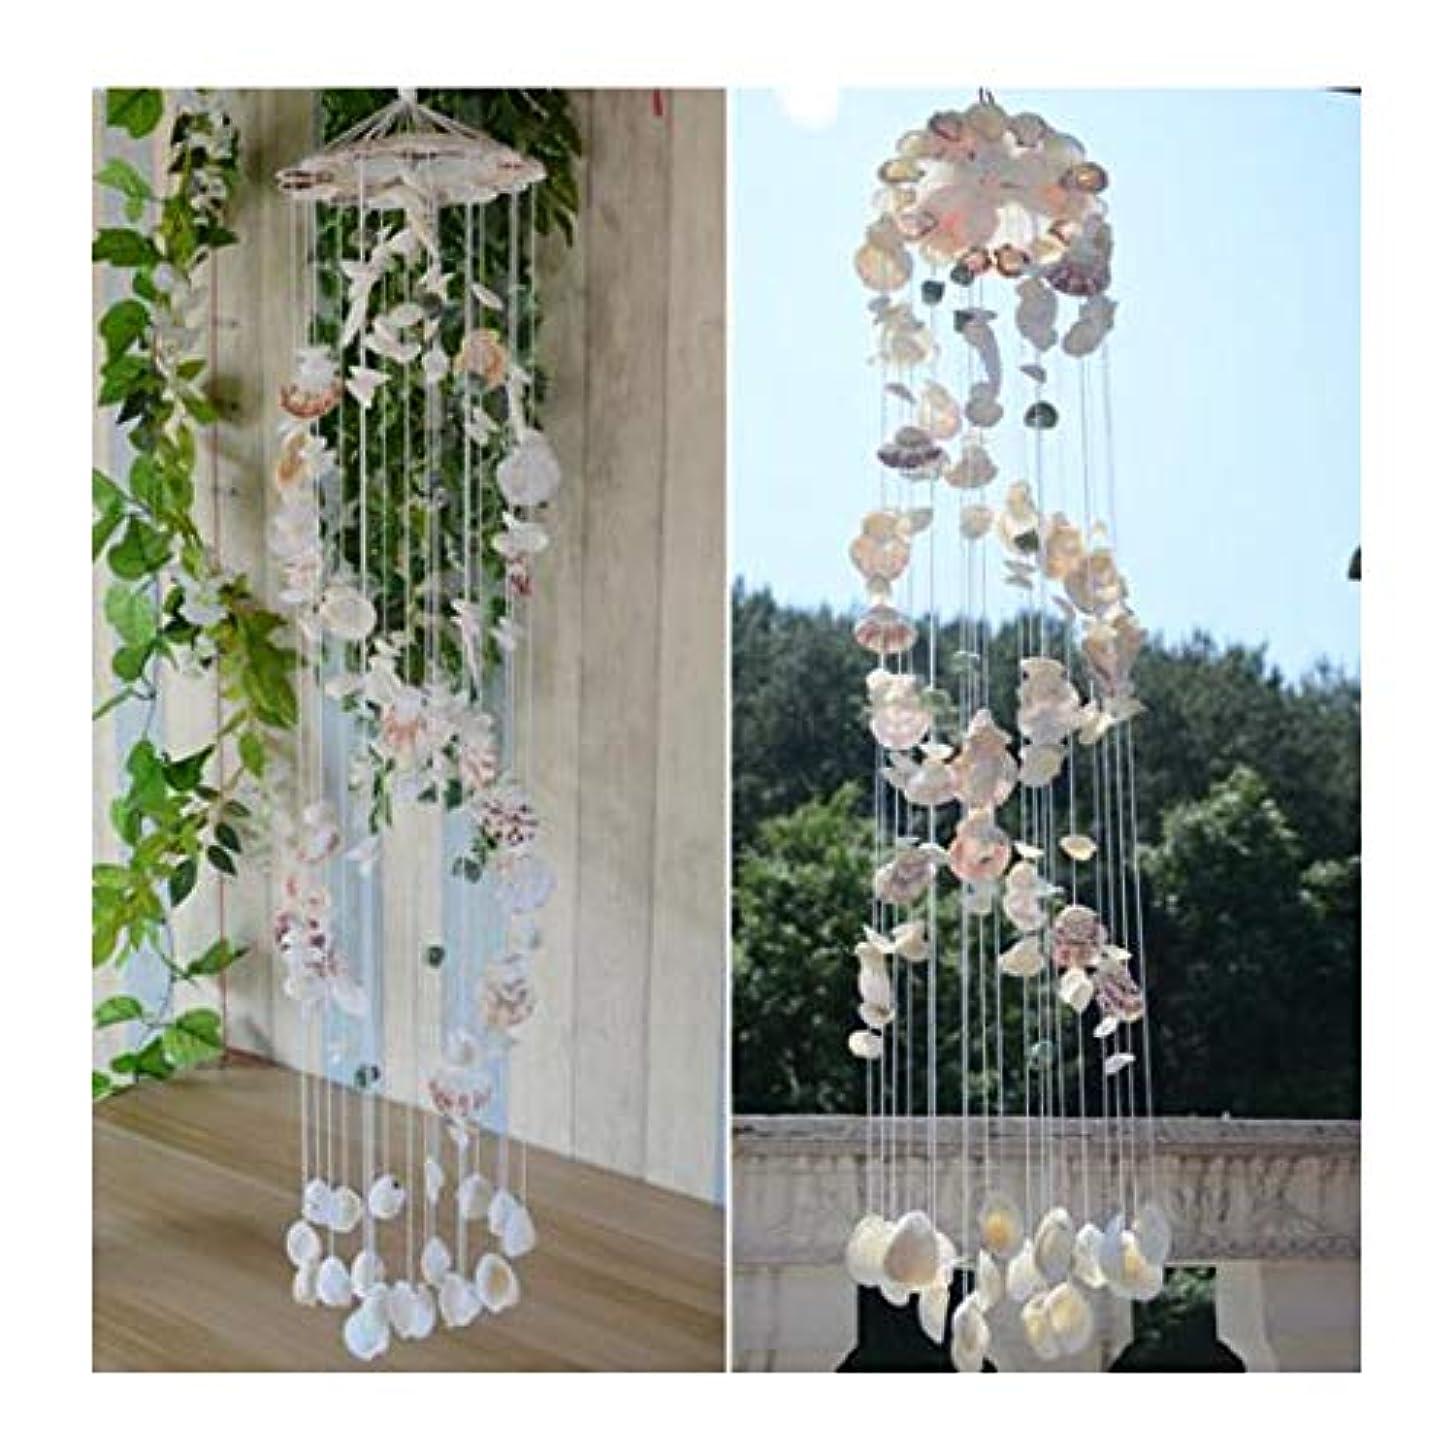 略語懇願するゲージ風チャイム、19個の手作りシェル風の鐘、男性と女性のための誕生日プレゼント、ベッドルームバルコニールームの装飾 (Color : White, Size : 90cm)